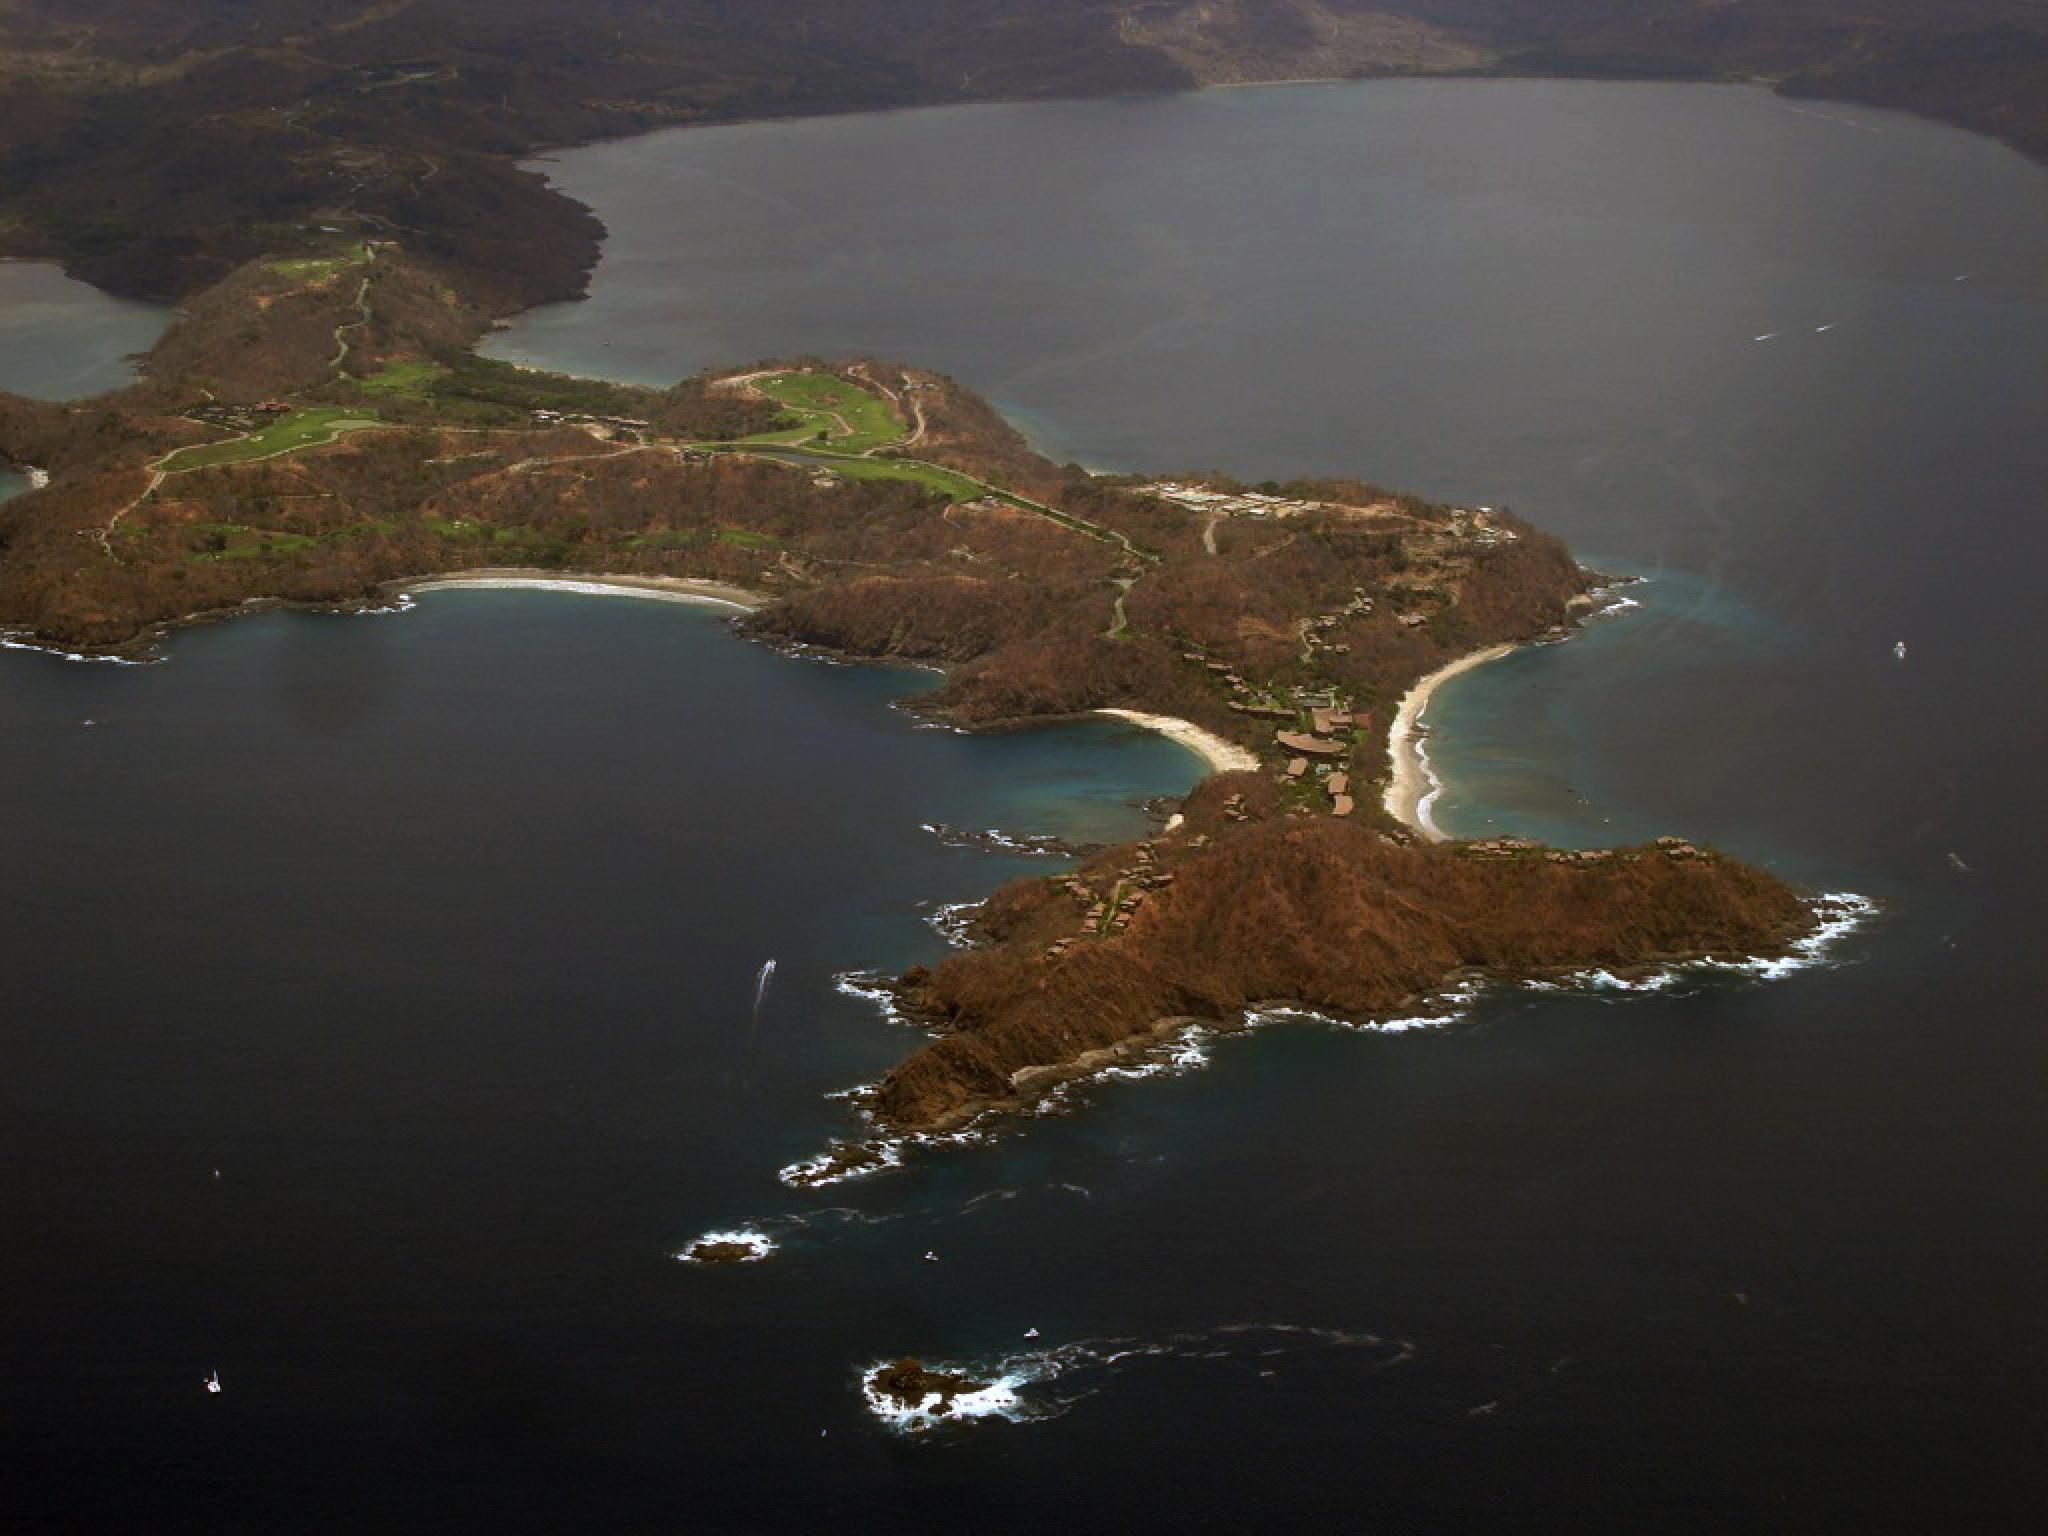 Culebra Bay